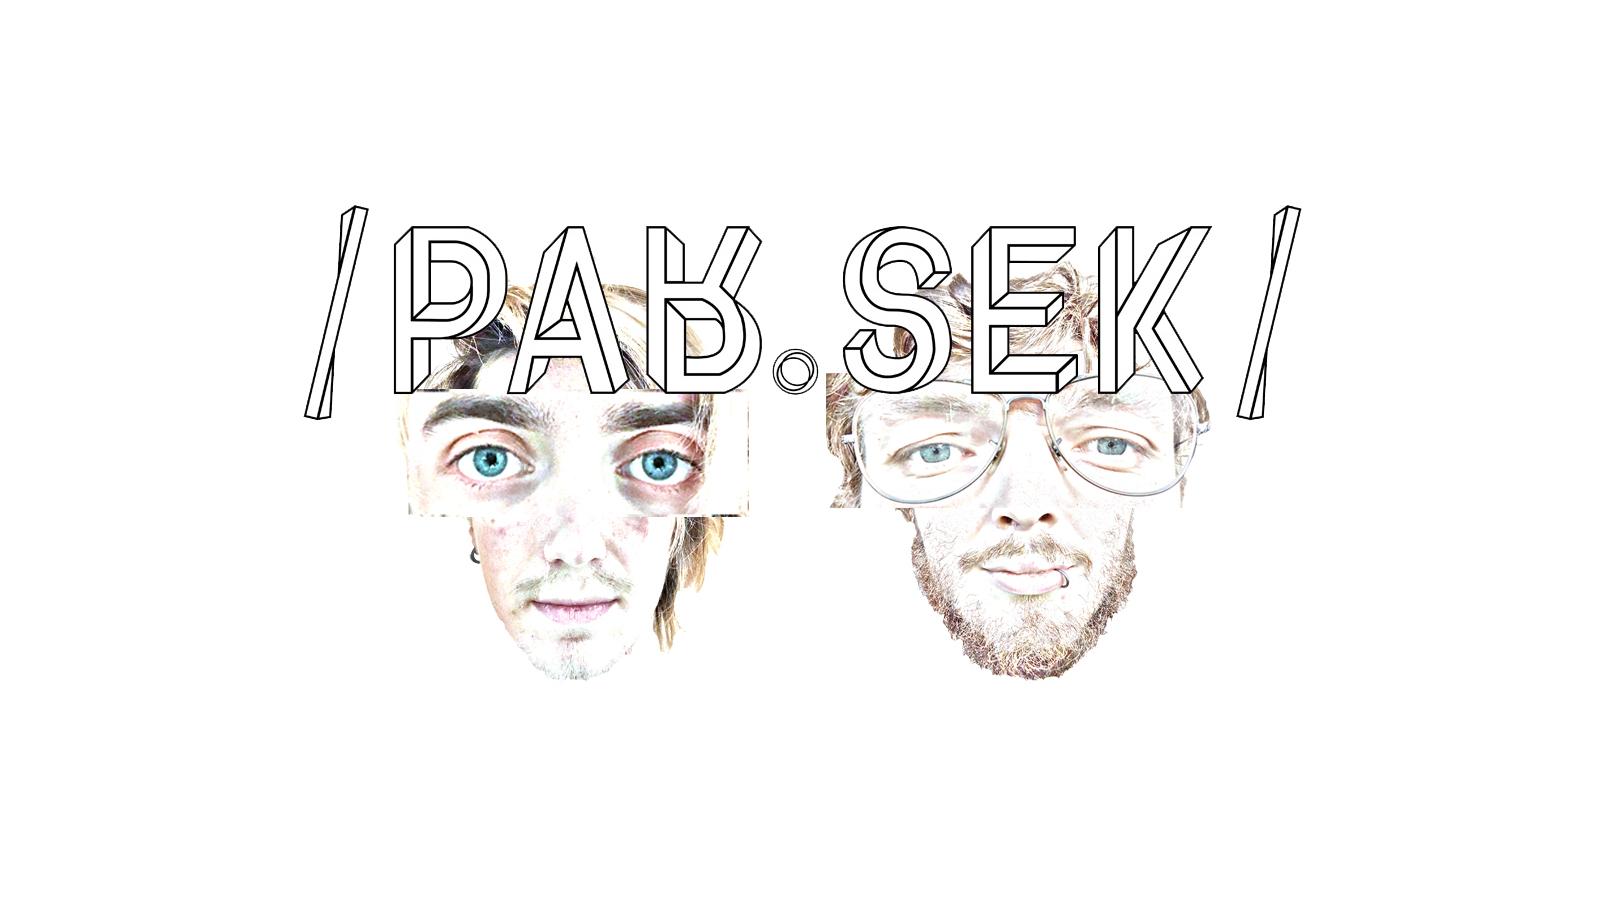 © Par Sek